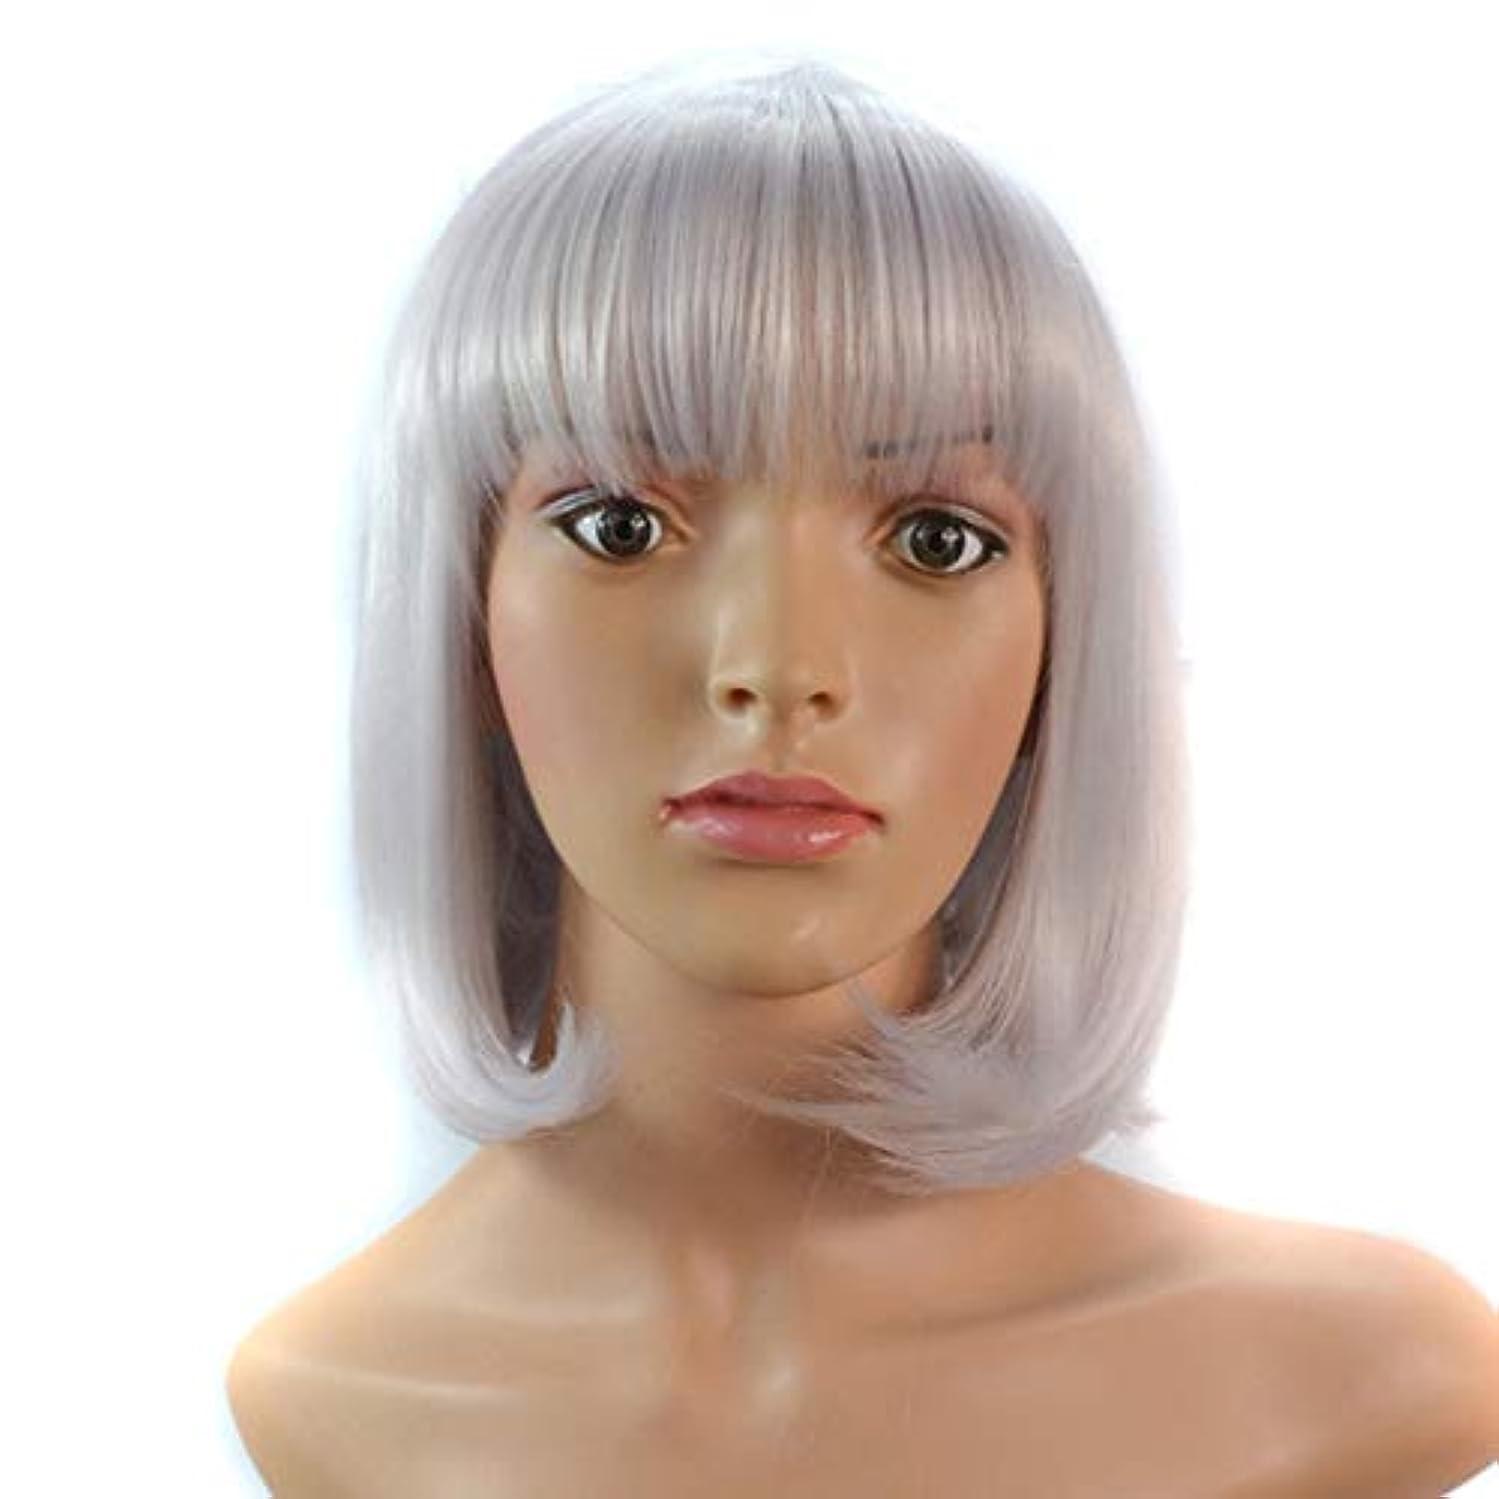 正しいセンチメートルバスYOUQIU 髪の前髪ウィッグを持つ女性のストレートショートボブスタイリッシュな耐熱合成シルバーホワイト色のフルヘアウィッグ (色 : Silver white, サイズ : 40cm)